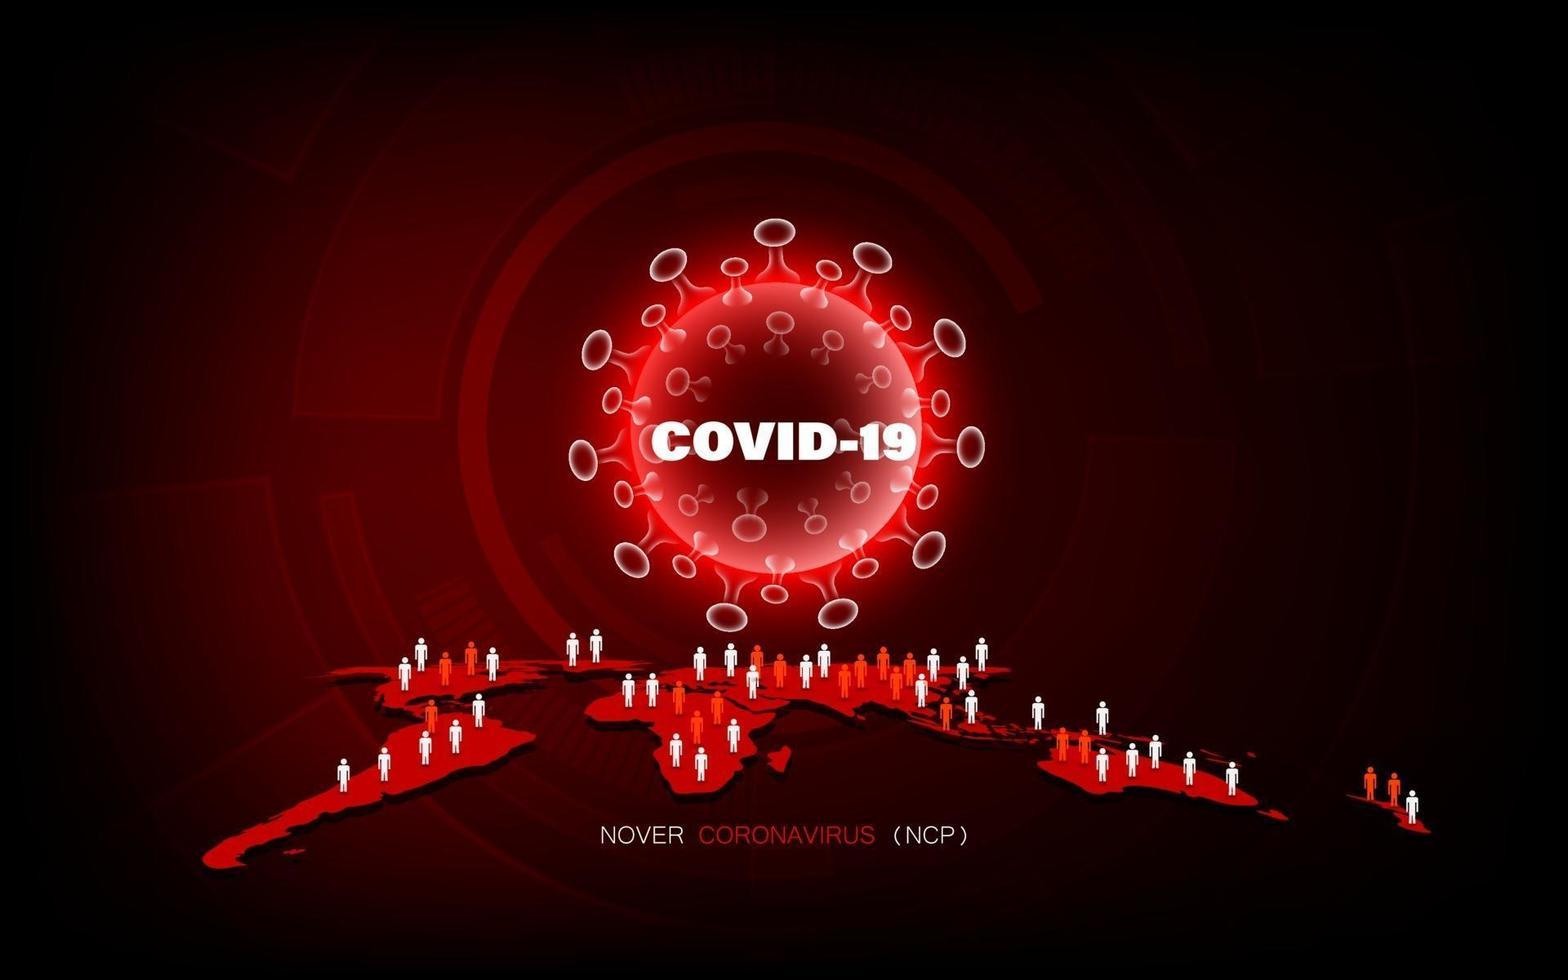 malattia da coronavirus infezione da covid-19 pandemia medica sul concetto mondiale. vettore